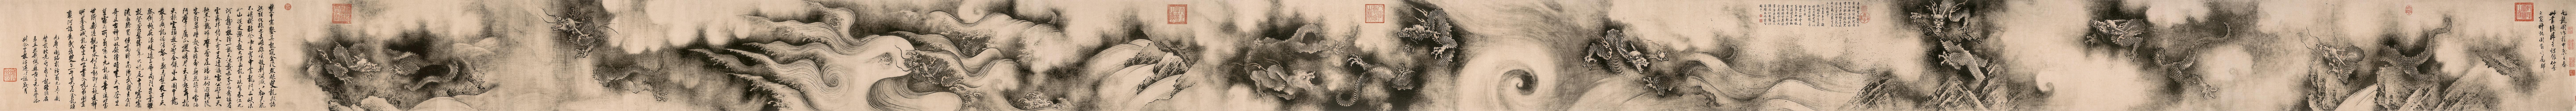 宋 陈容 九龙图(美国波士顿美术馆)